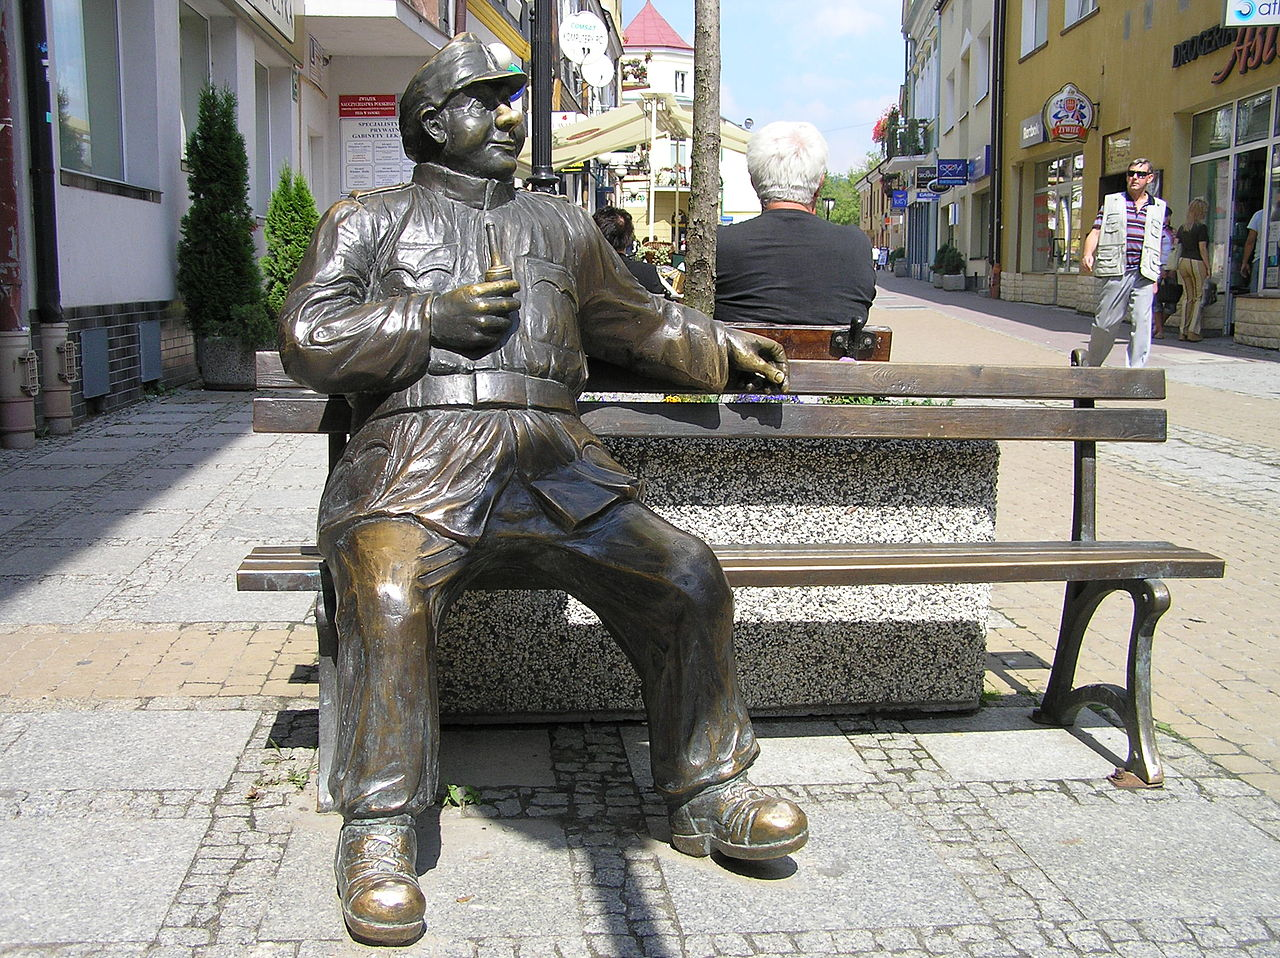 Бравый солдат Швейк на базарной площади в Санок, г. Санок, Польша